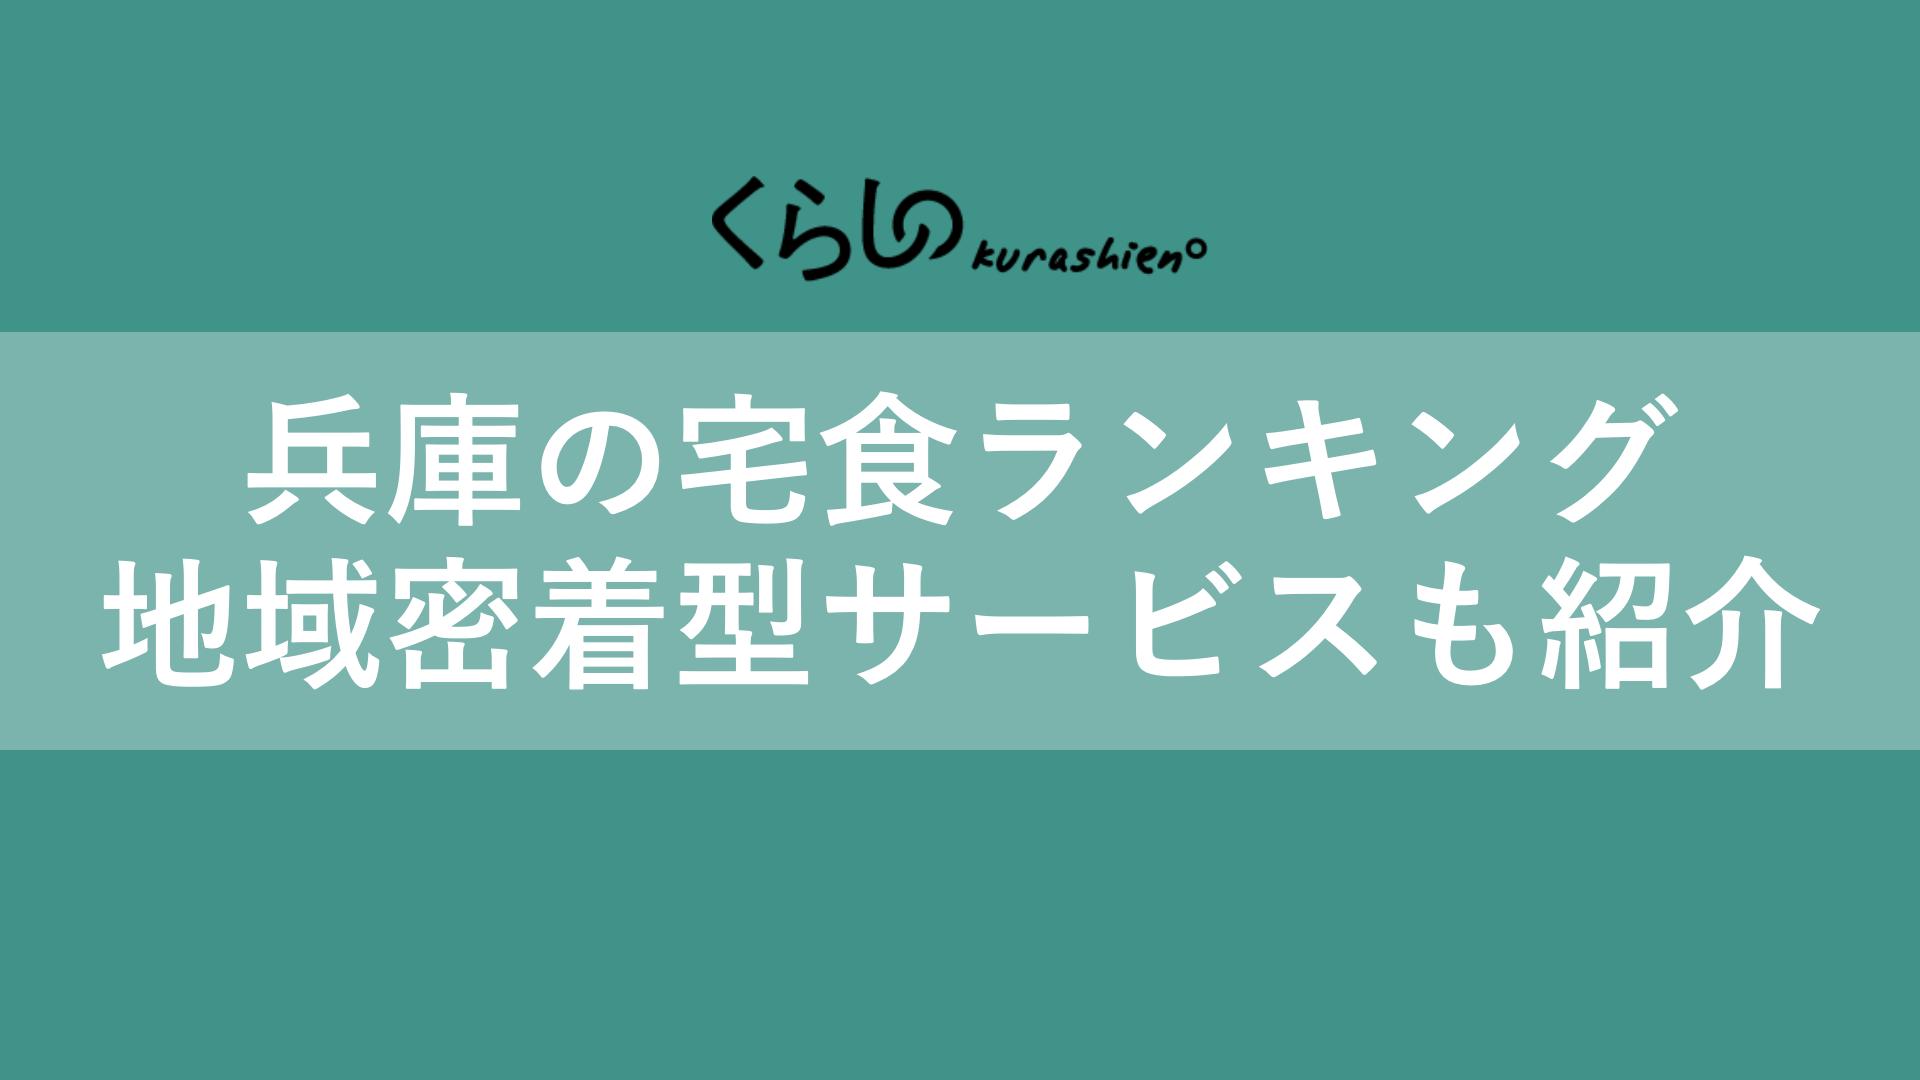 兵庫県の宅食サービス・宅配弁当おすすめランキング!地域密着型サービスも紹介